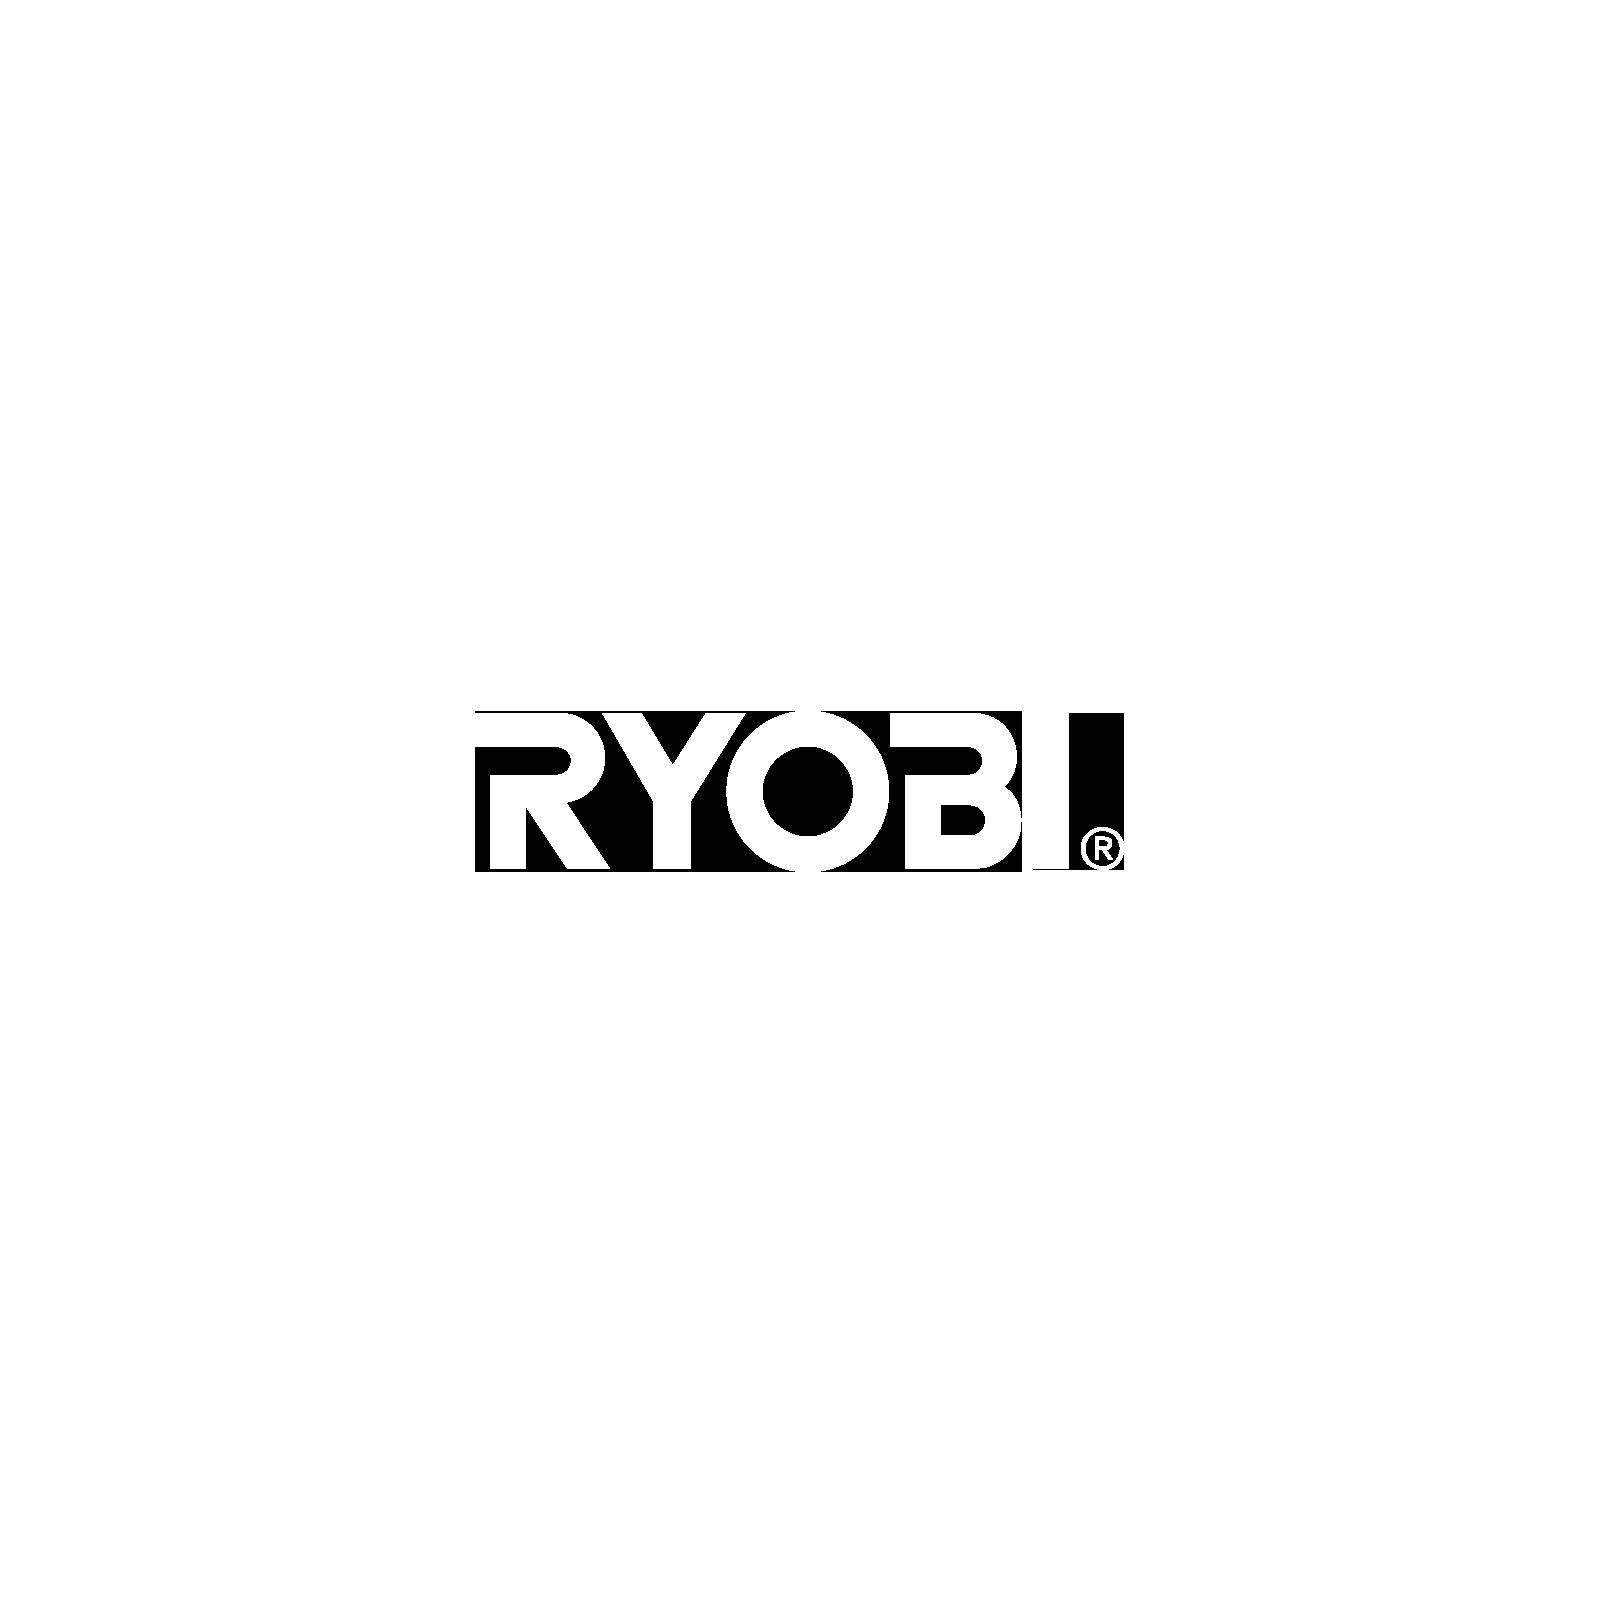 ryobi-project-logo